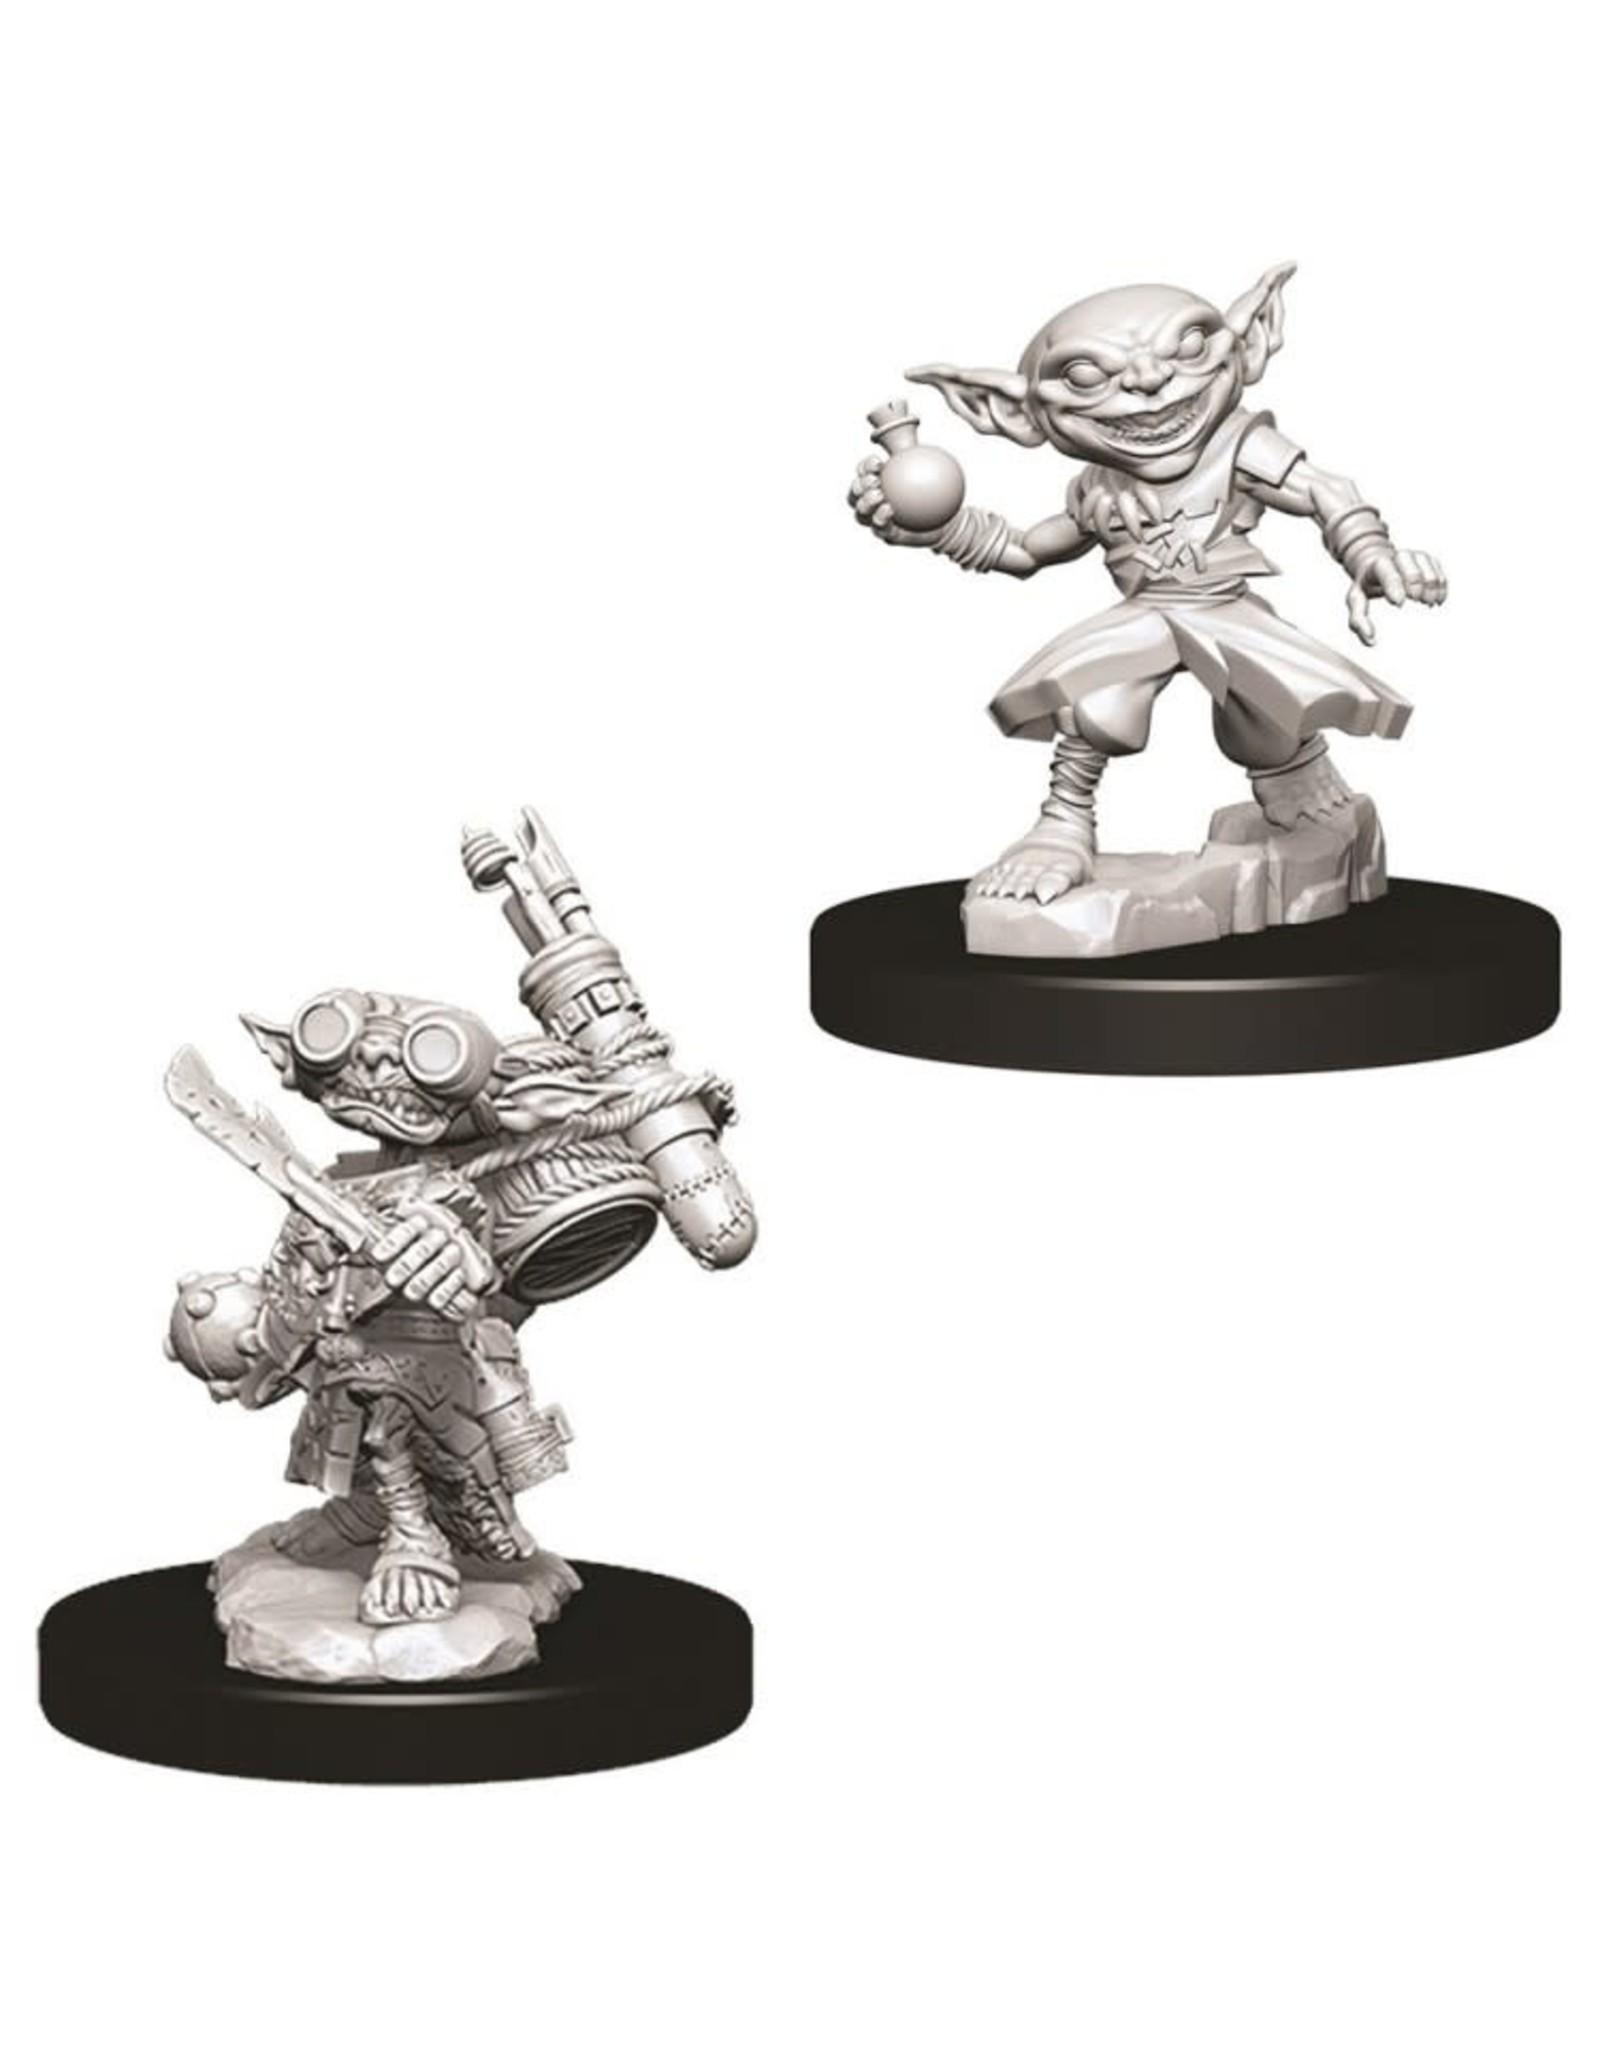 WizKids Pathfinder Minis (unpainted): Goblin Alchemist (male) Wave 9, 73720